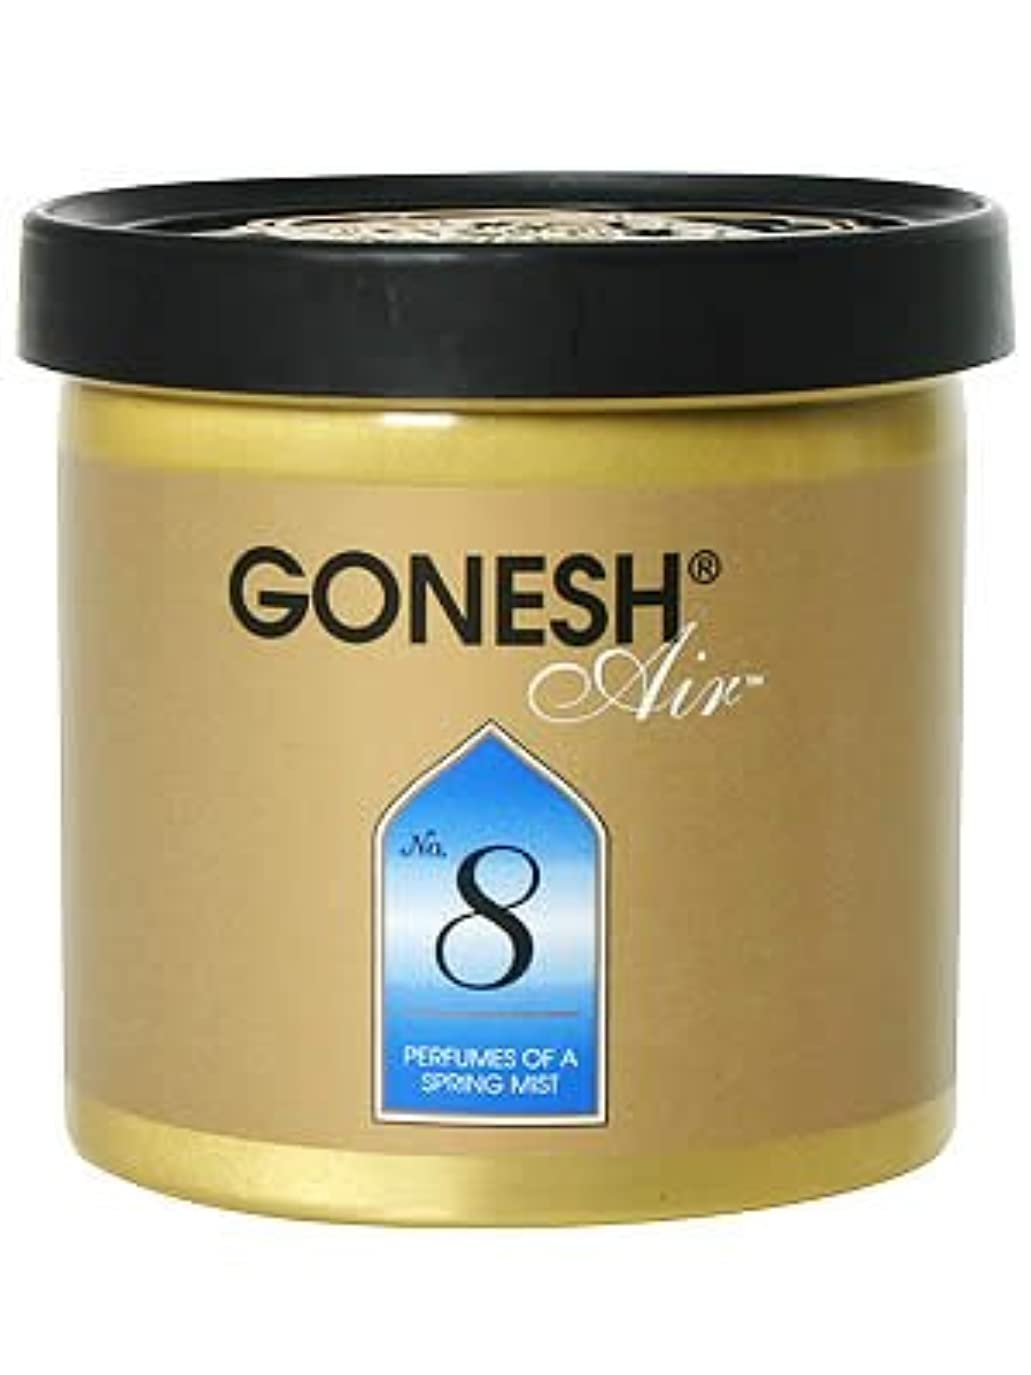 GONESH ゲルエアフレッシュナー No.8(スプリングミスト)